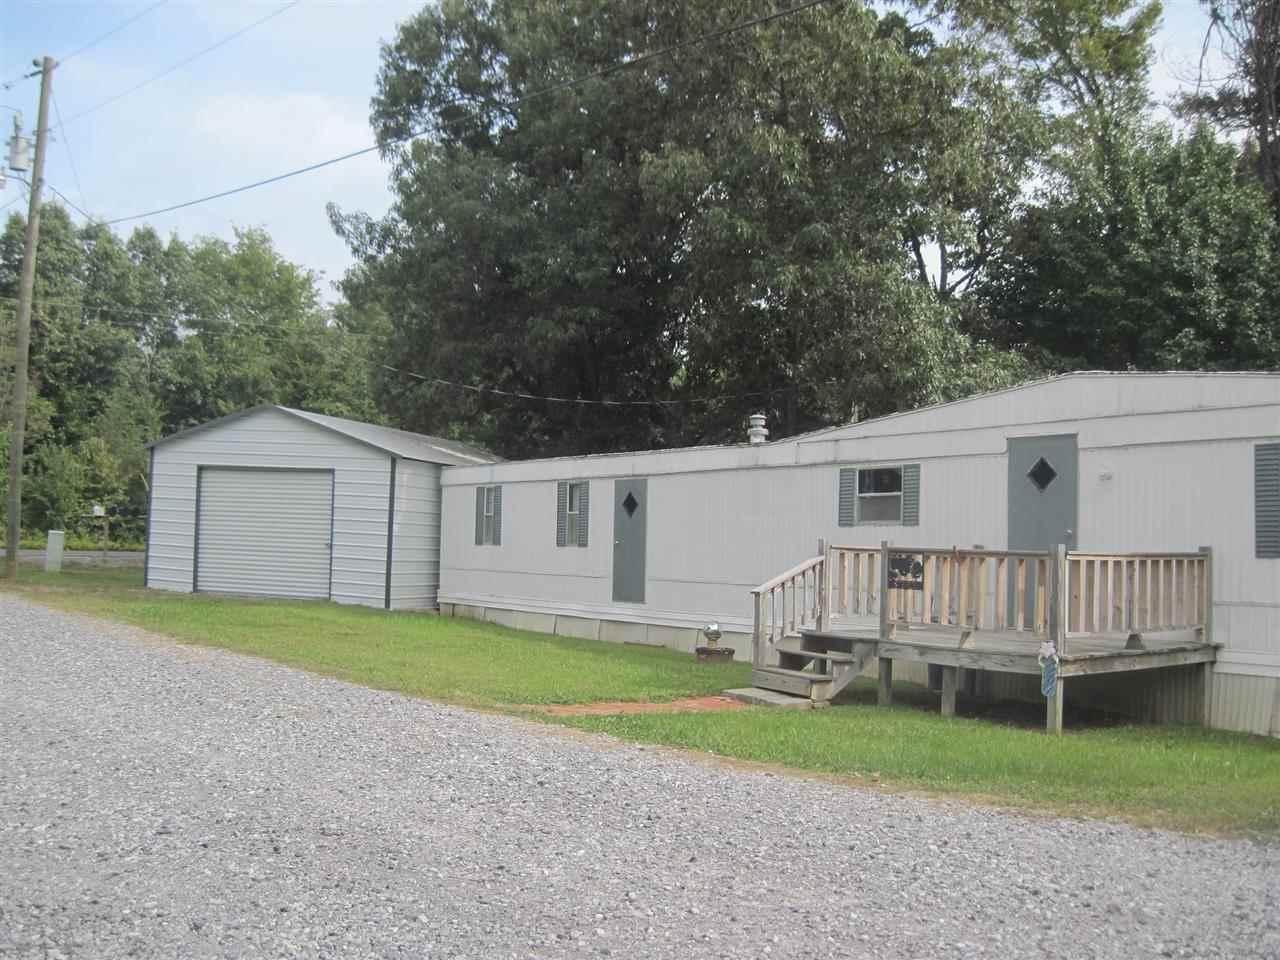 Real Estate for Sale, ListingId: 29962847, Gilbertsville,KY42044